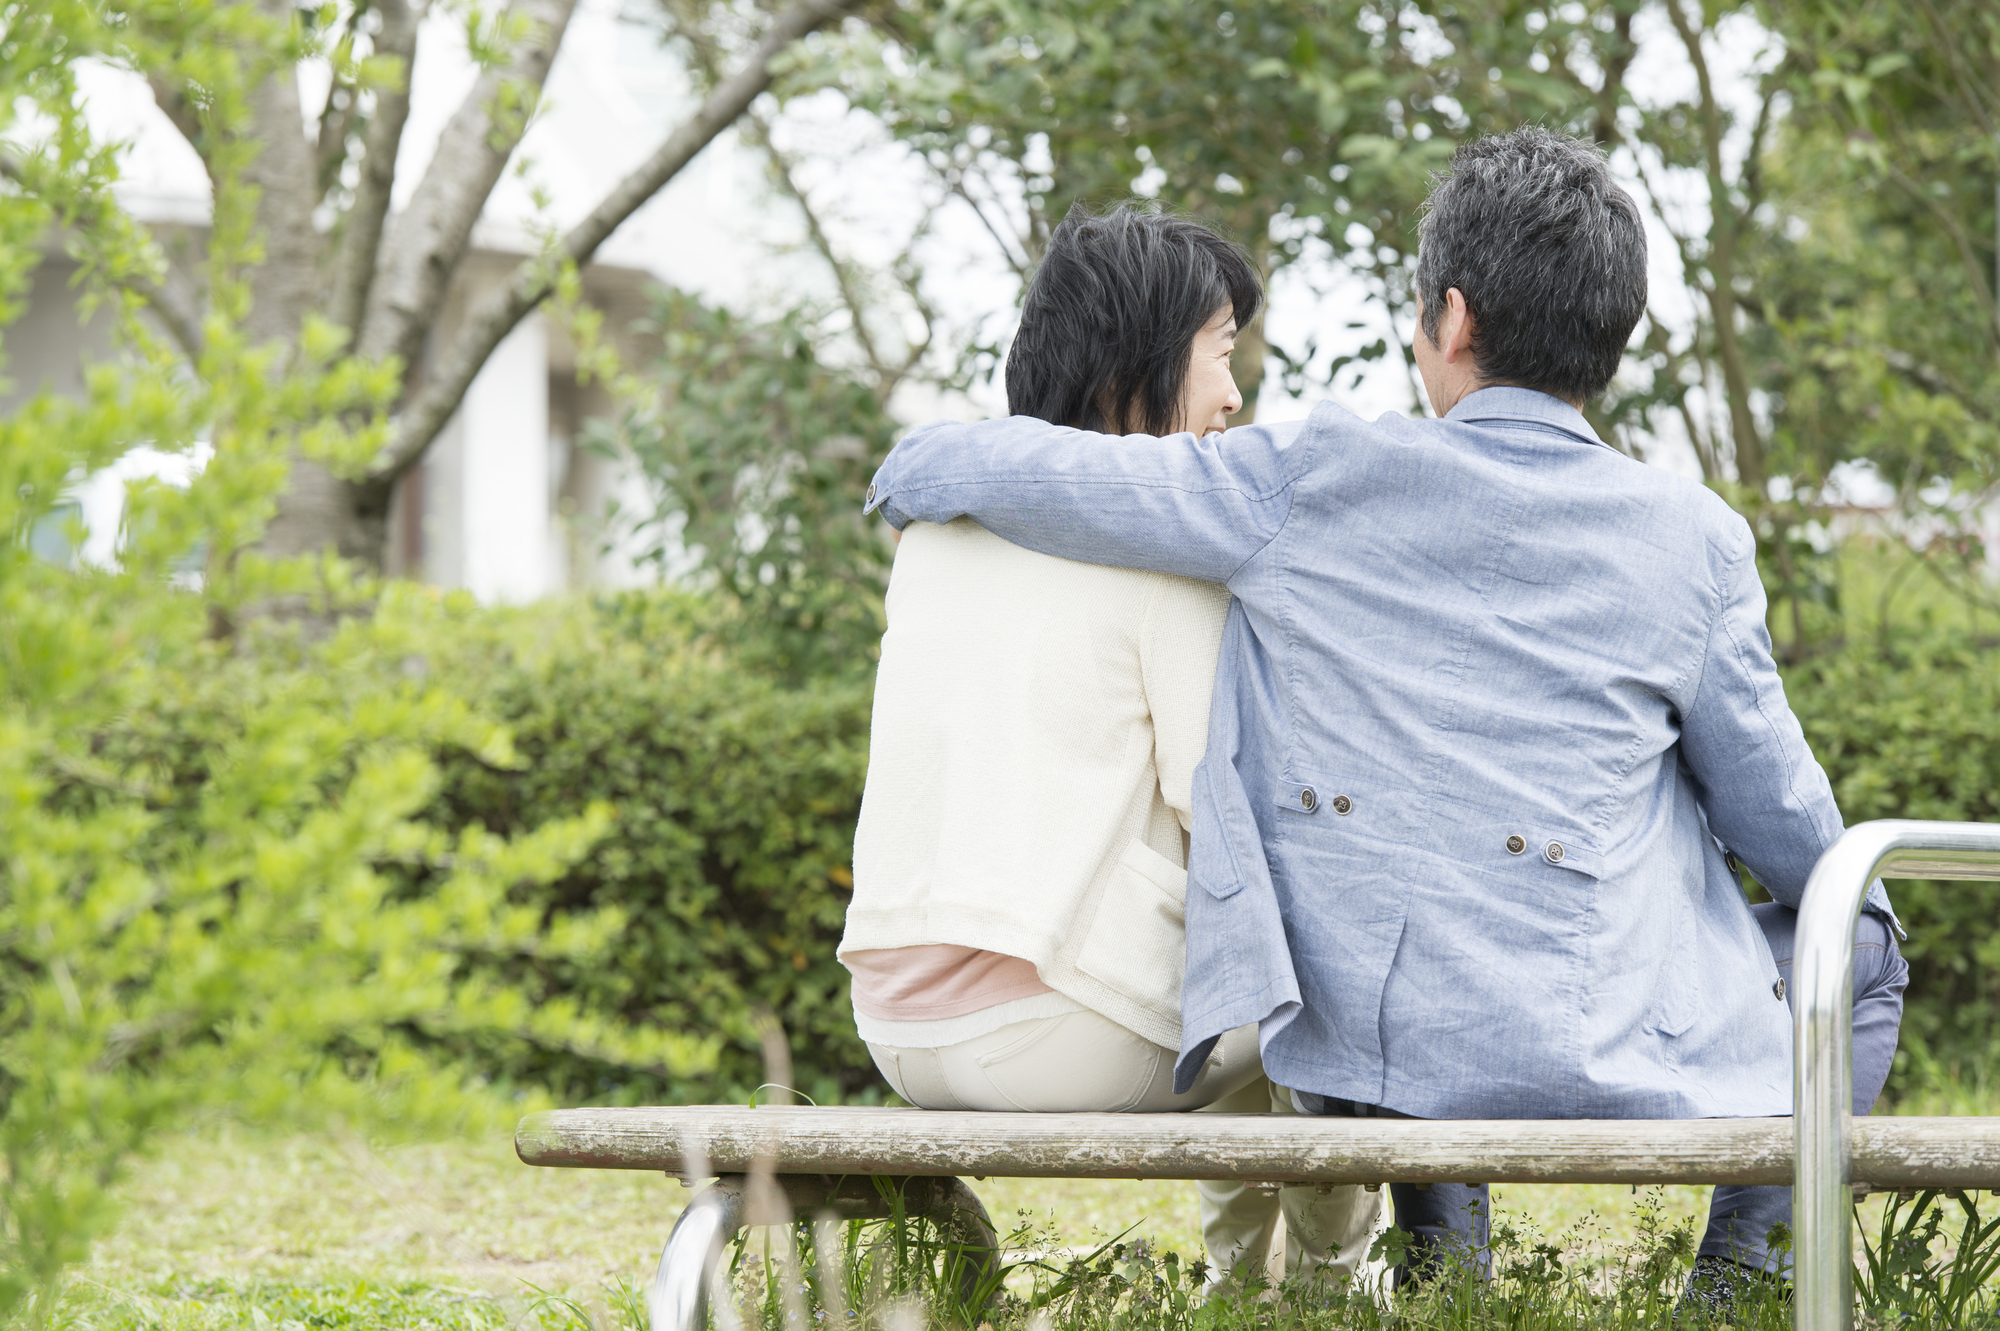 好きになる人が結婚している人ばかりになってしまうあなたへ